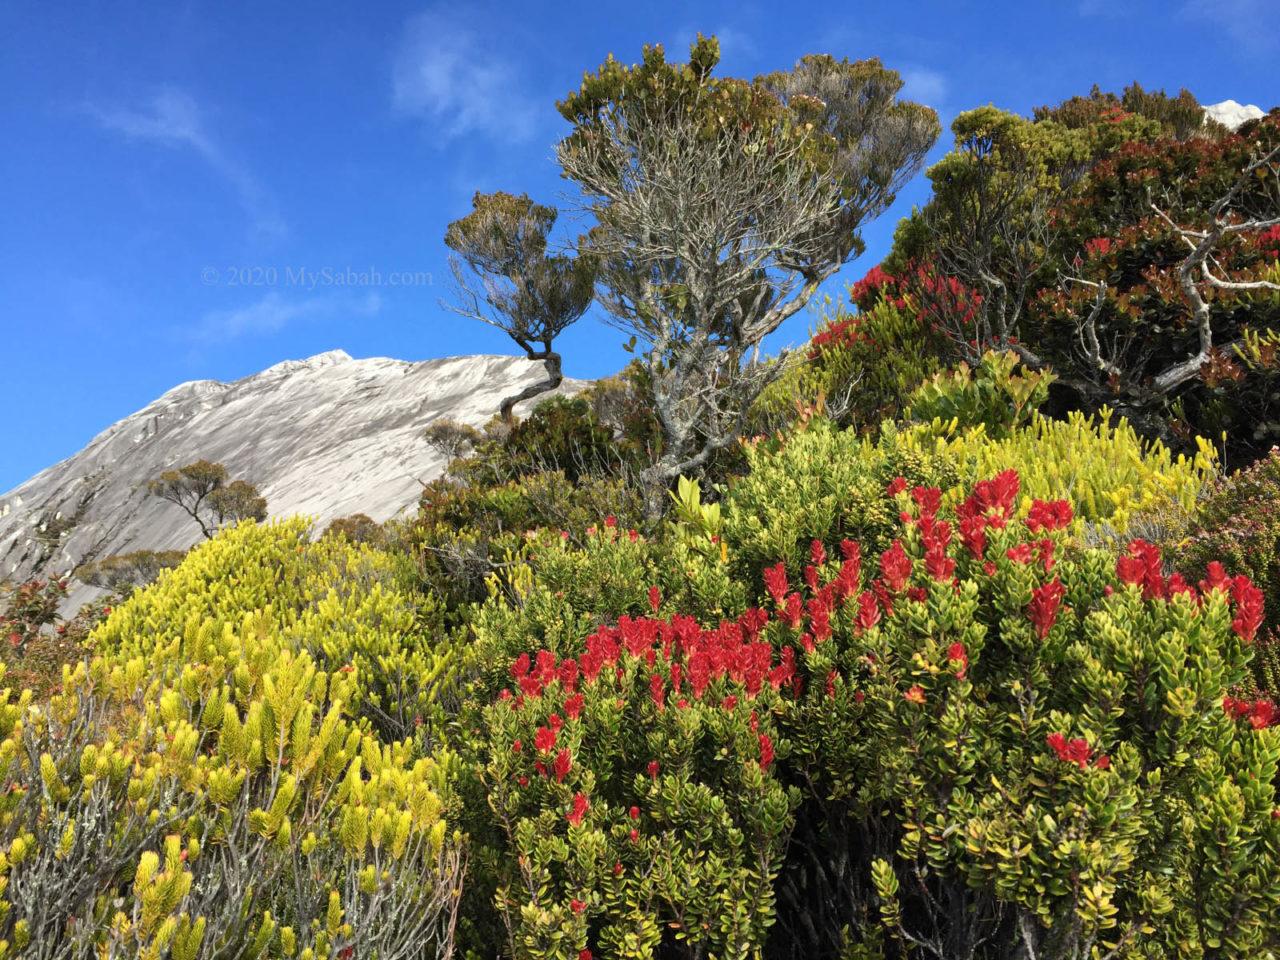 Subalphine scrubs on Mount Kinabalu